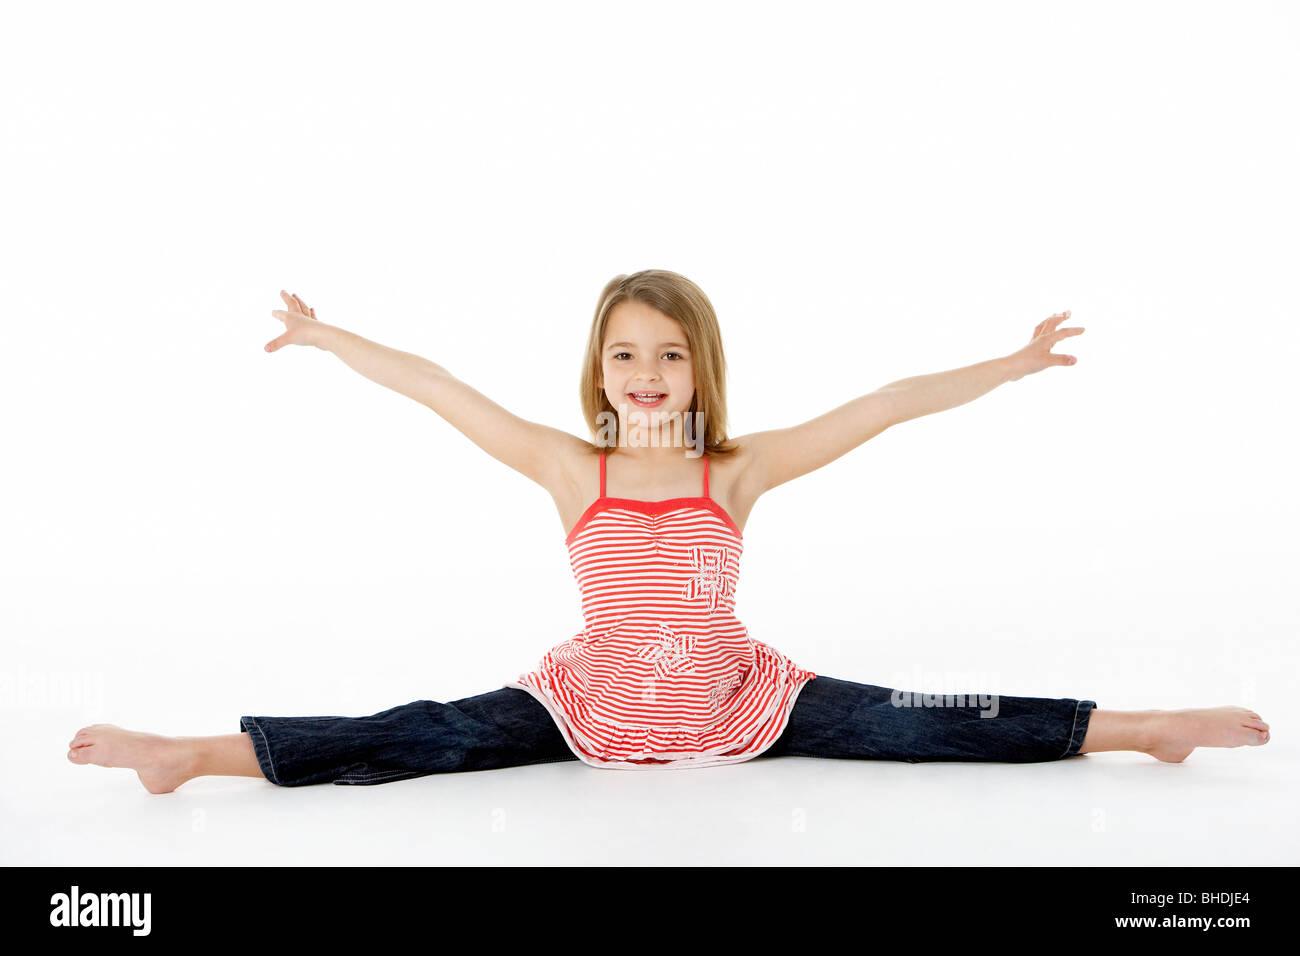 Jeune fille en faisant poser Gymnastique divise Photo Stock